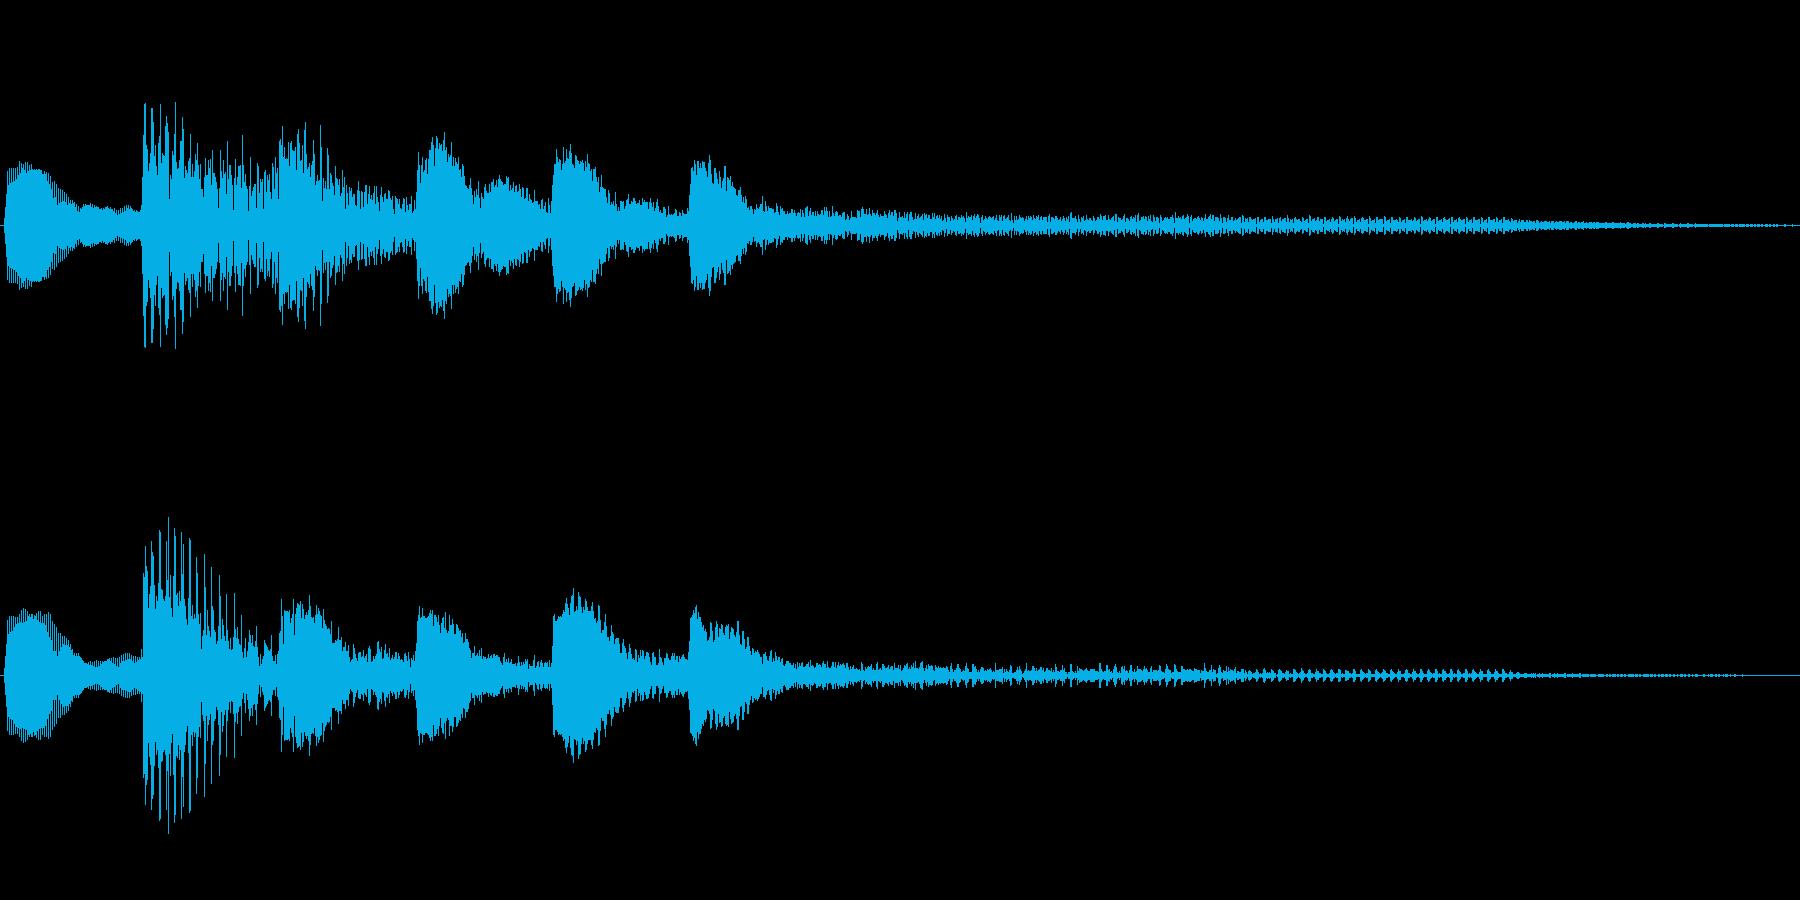 ジングル101fの再生済みの波形